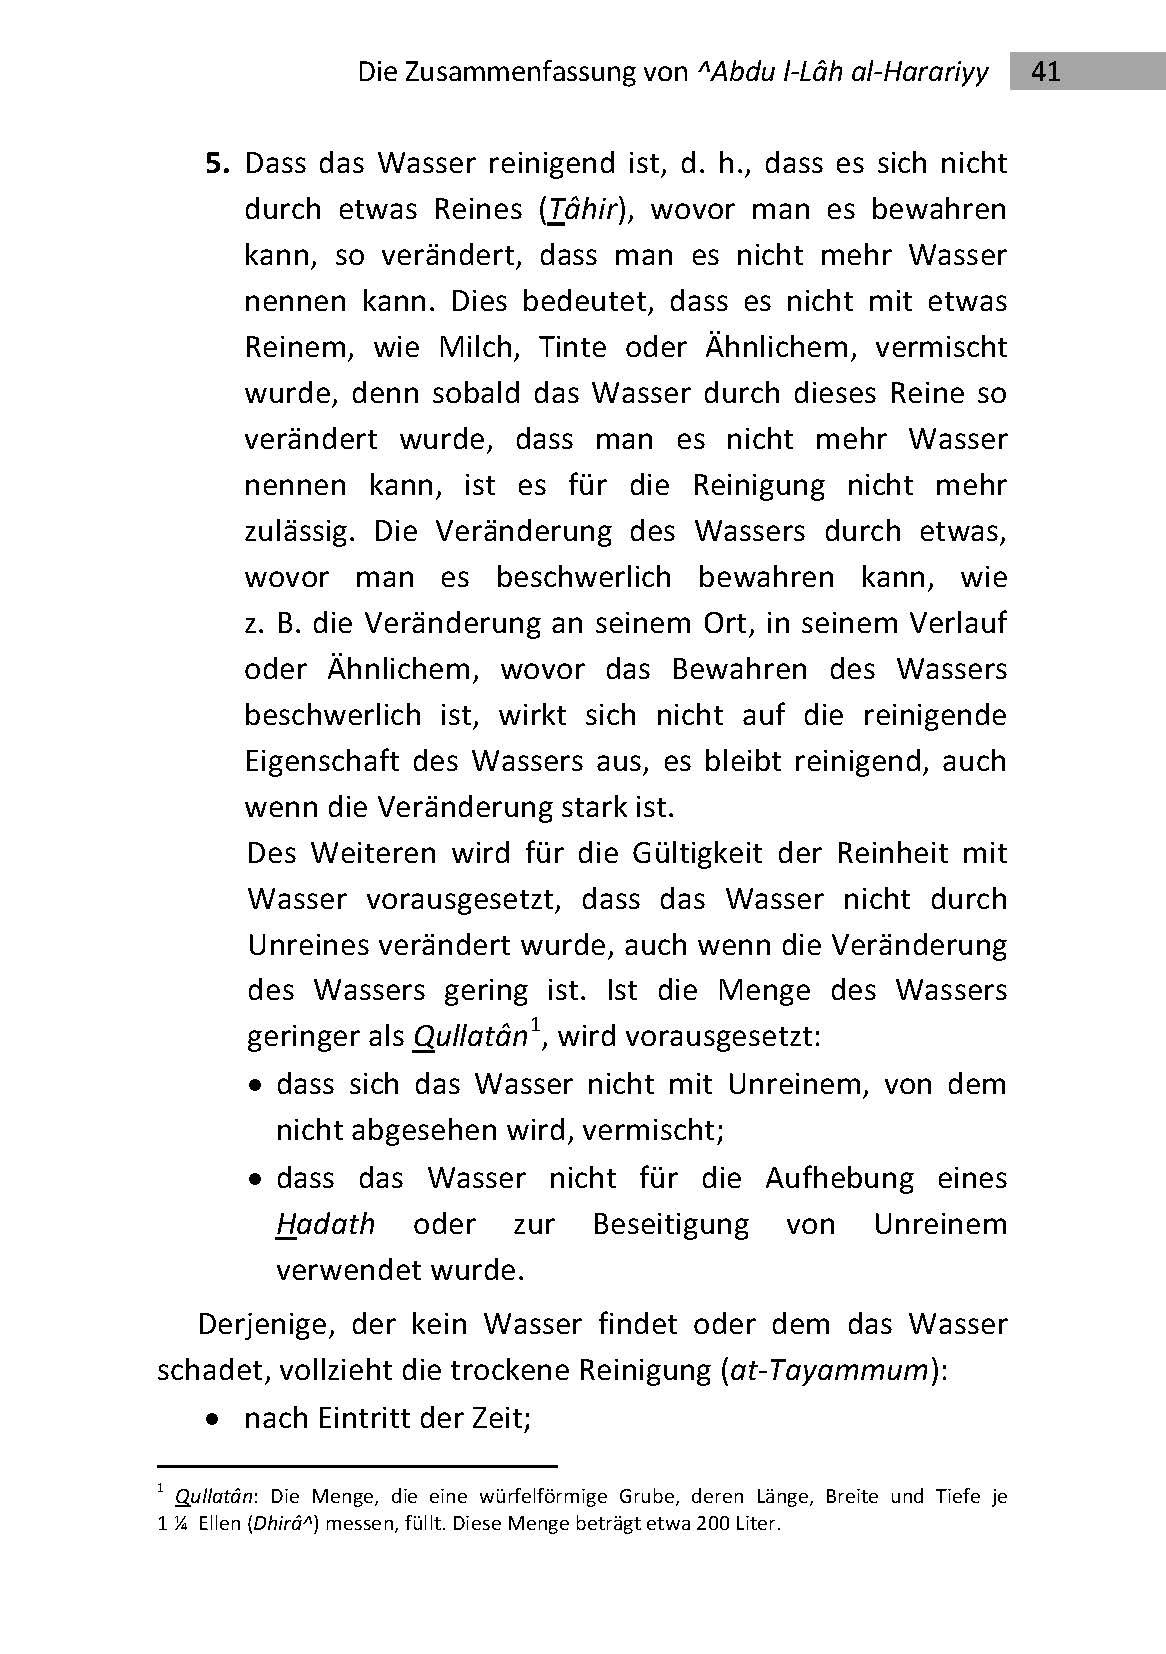 Die Zusammenfassung - 3. Auflage 2014_Seite_41